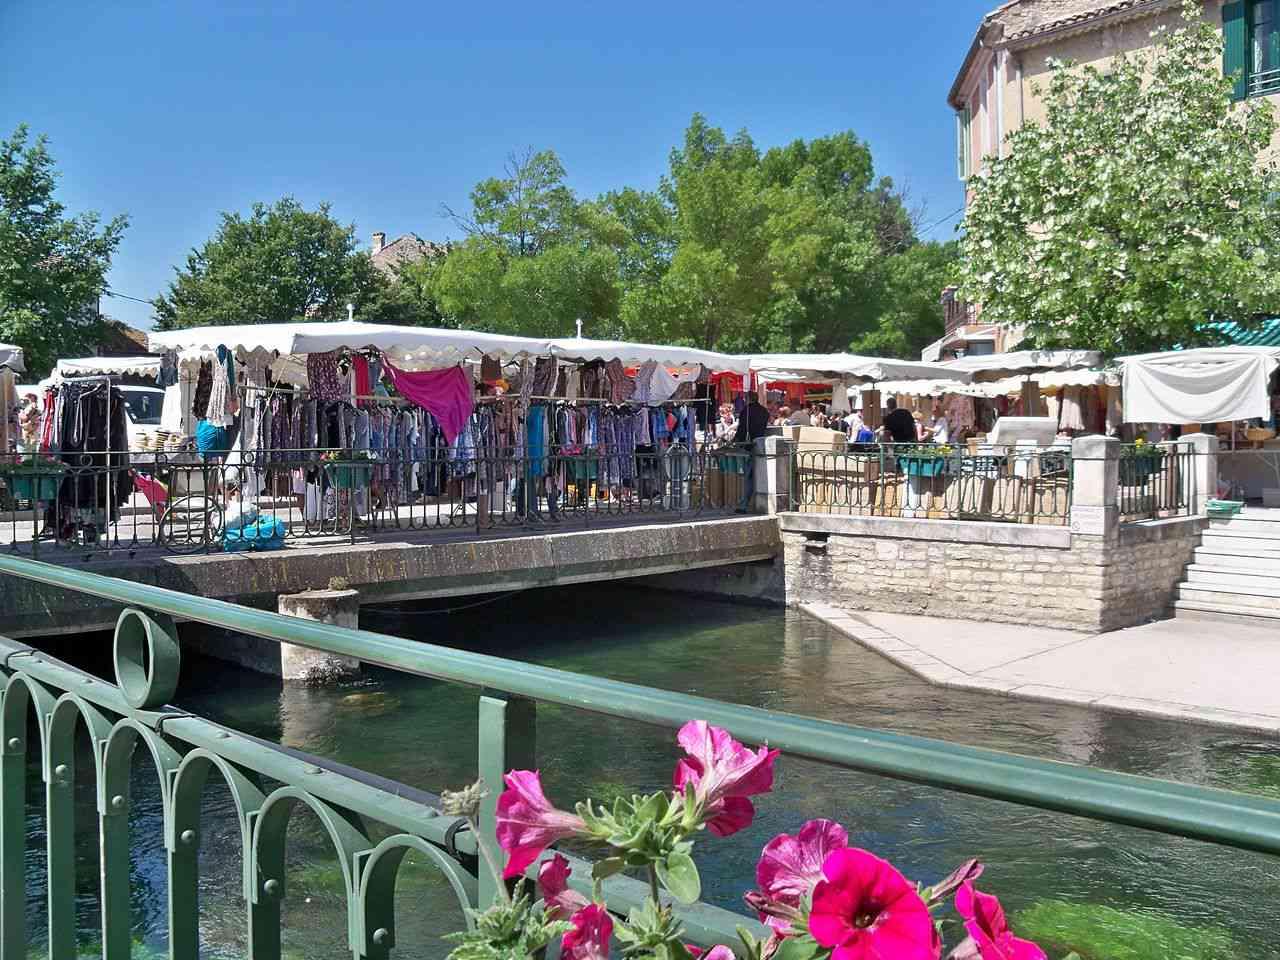 weekly market in L'Isle sur la Sorgue, Vaucluse